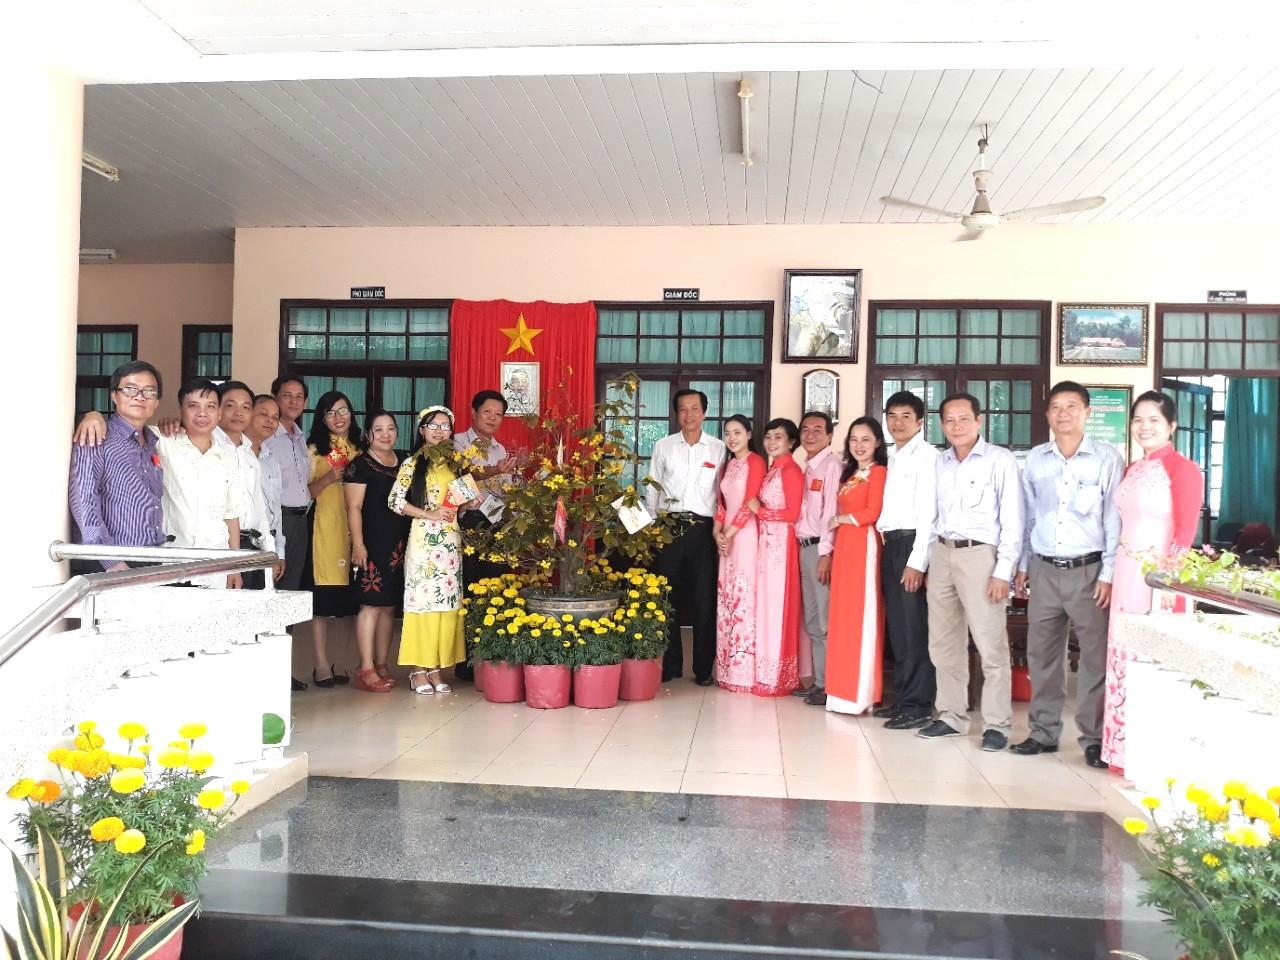 Lãnh đạo Sở Văn hóa, Thể thao và Du lịch Đồng Tháp  thăm và chúc Tết CCVC Khu di tích Nguyễn Sinh Sắc